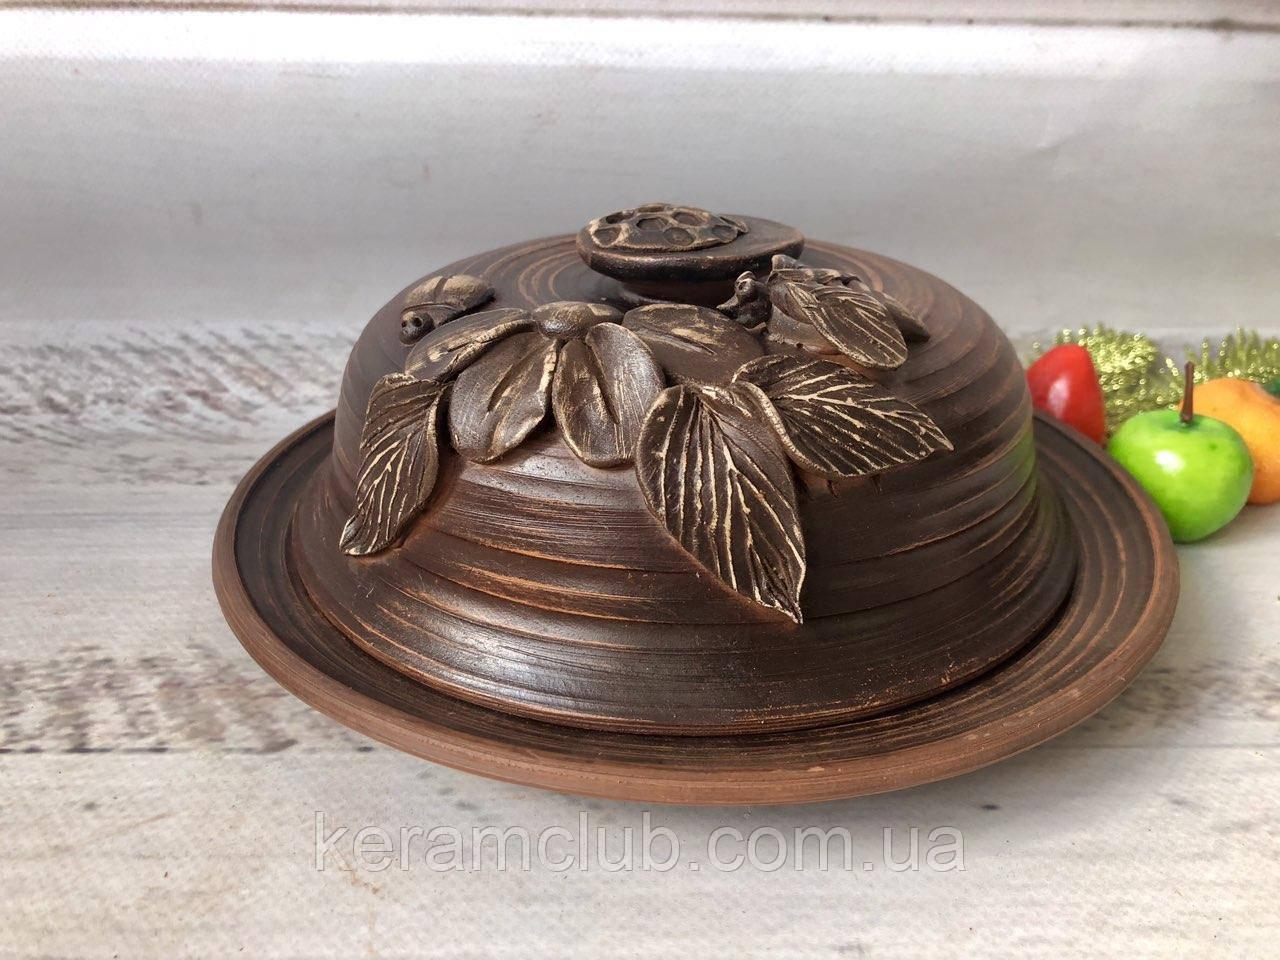 Маслёнка из красной глины с лепкой ручной работы